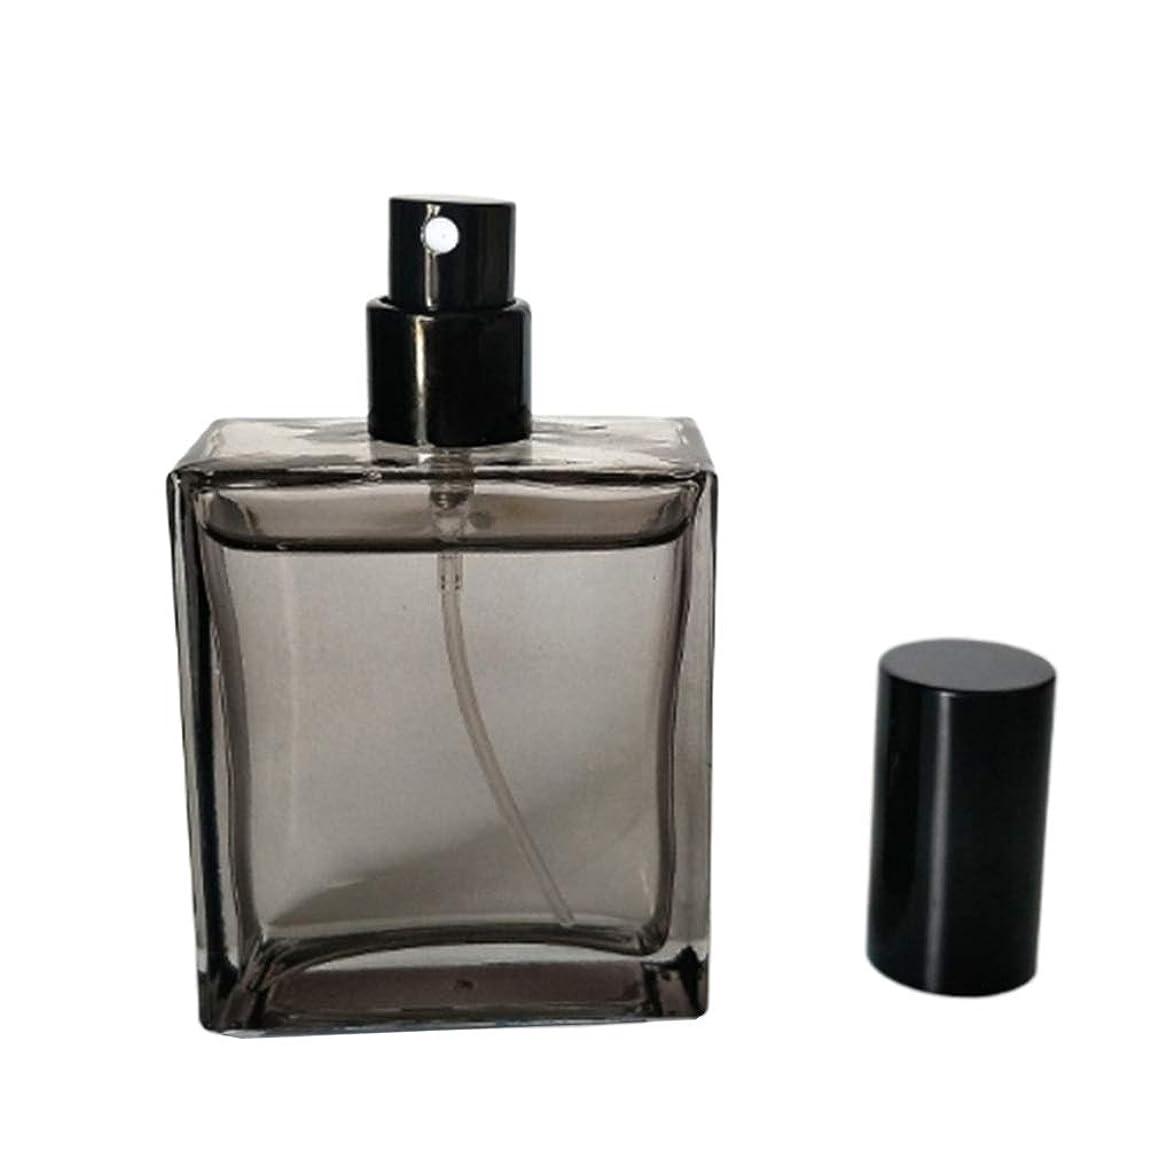 海藻月曜持っているInjoyo ガラス スプレーボトル ポンプボトル 詰め替え 香水アトマイザー 化粧水瓶 噴霧器 50ML おしゃれ